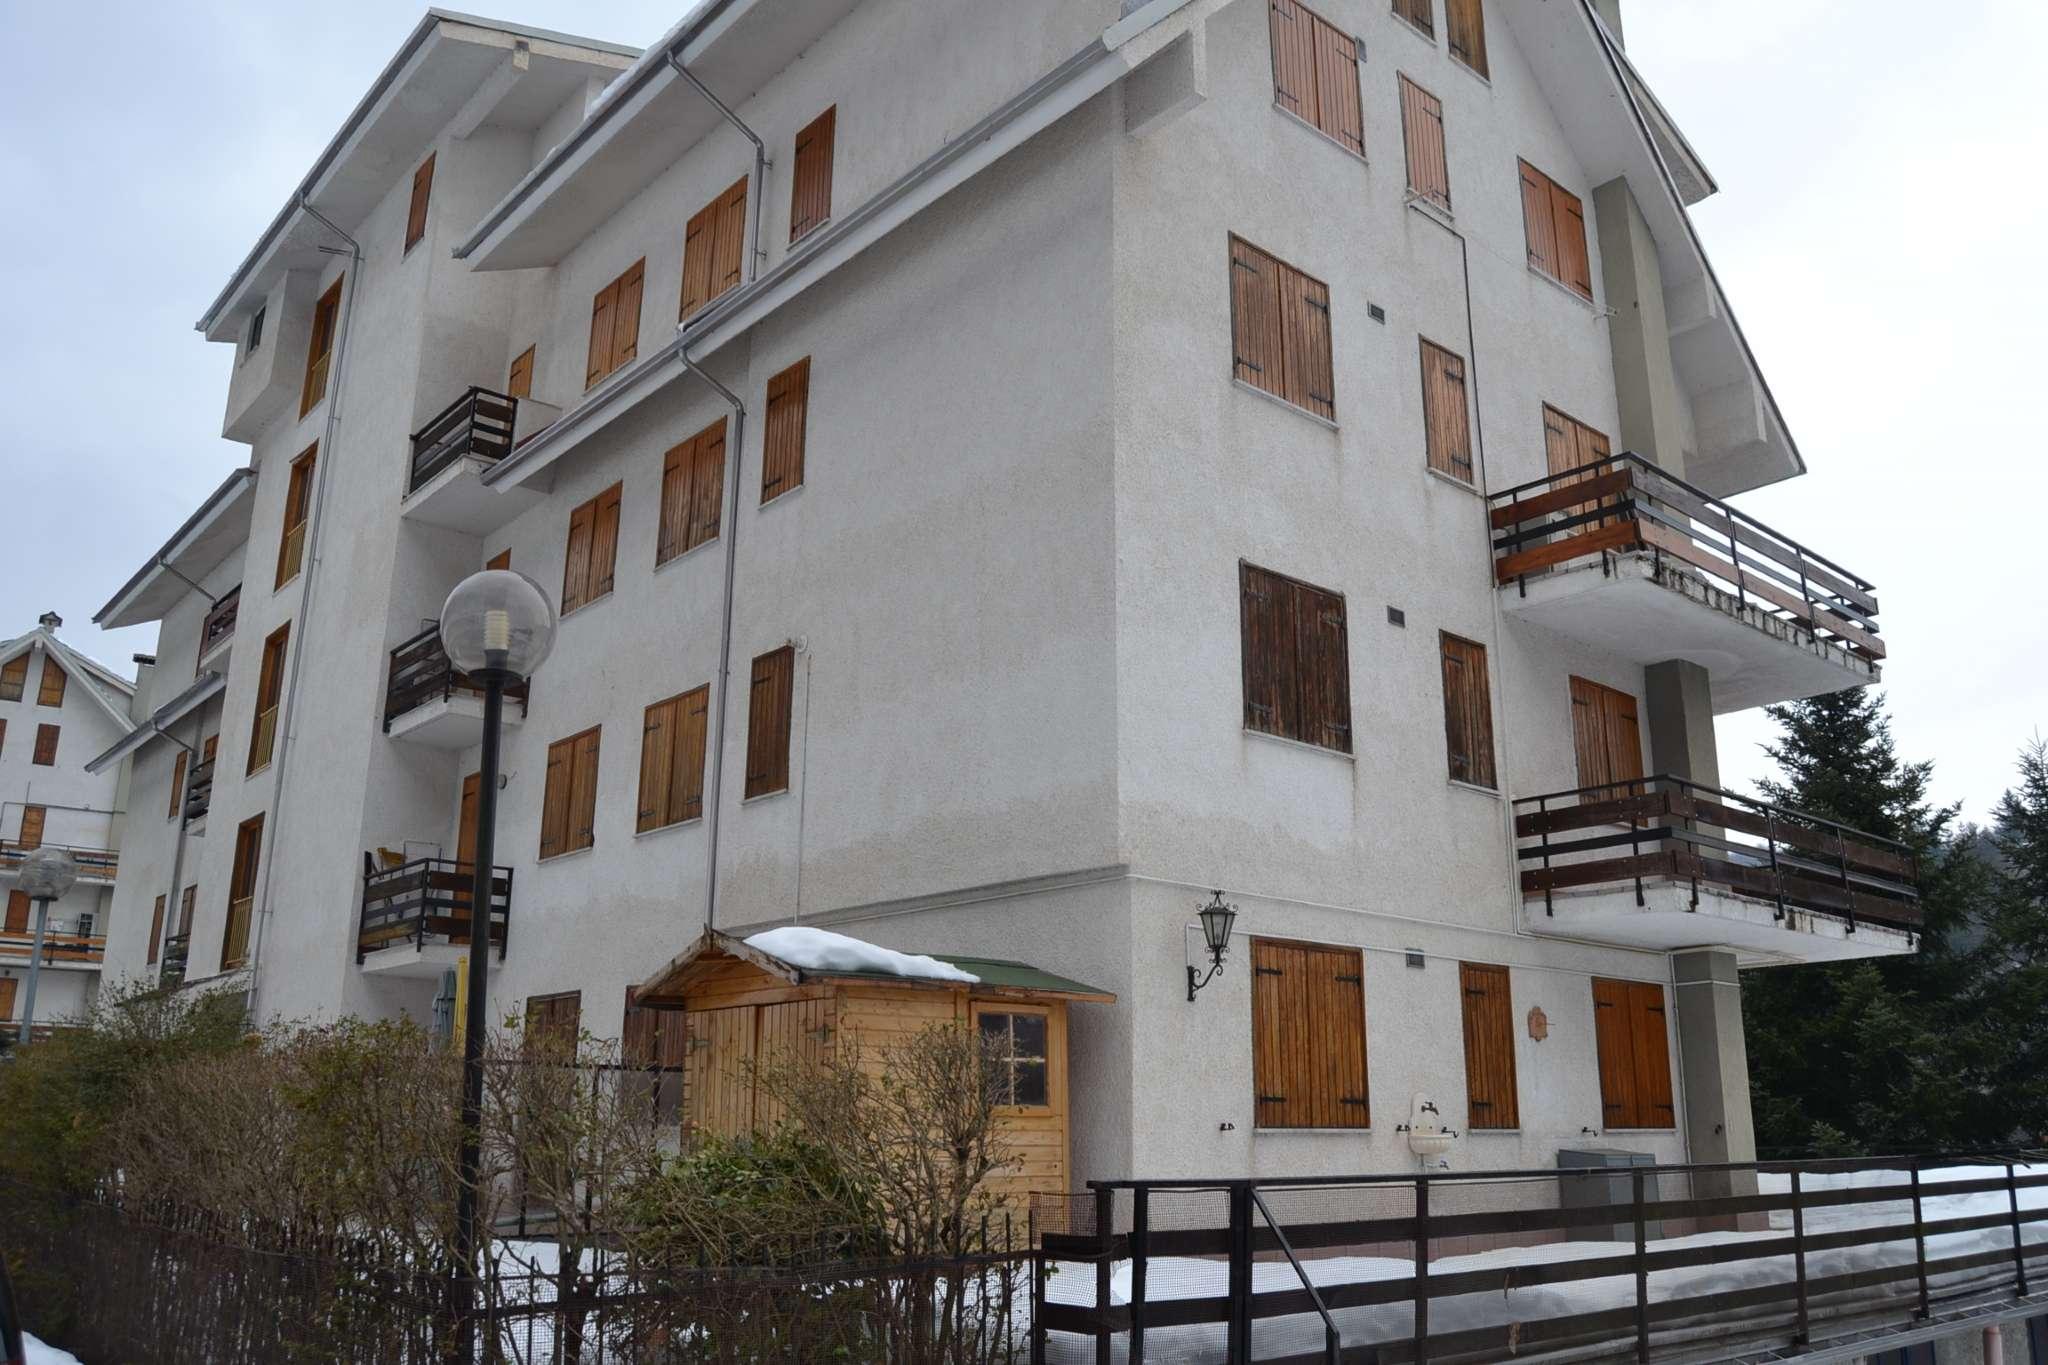 Appartamento in vendita a Roccaforte Mondovì, 2 locali, prezzo € 62.000 | CambioCasa.it